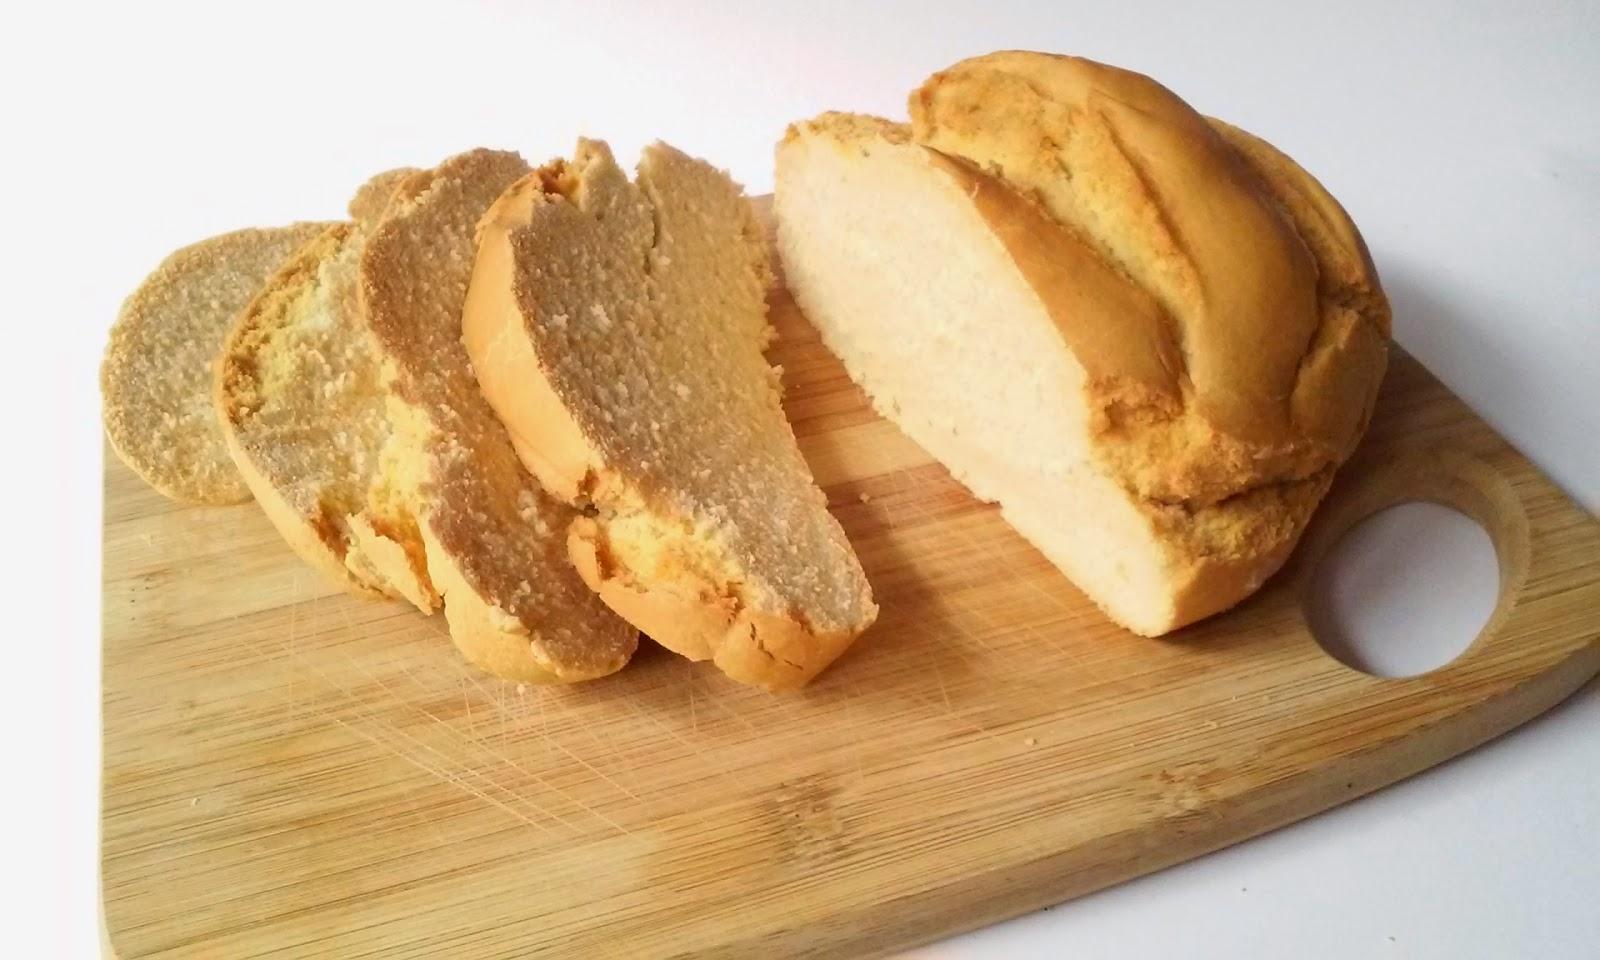 Pan en olla o cacerola de cristal